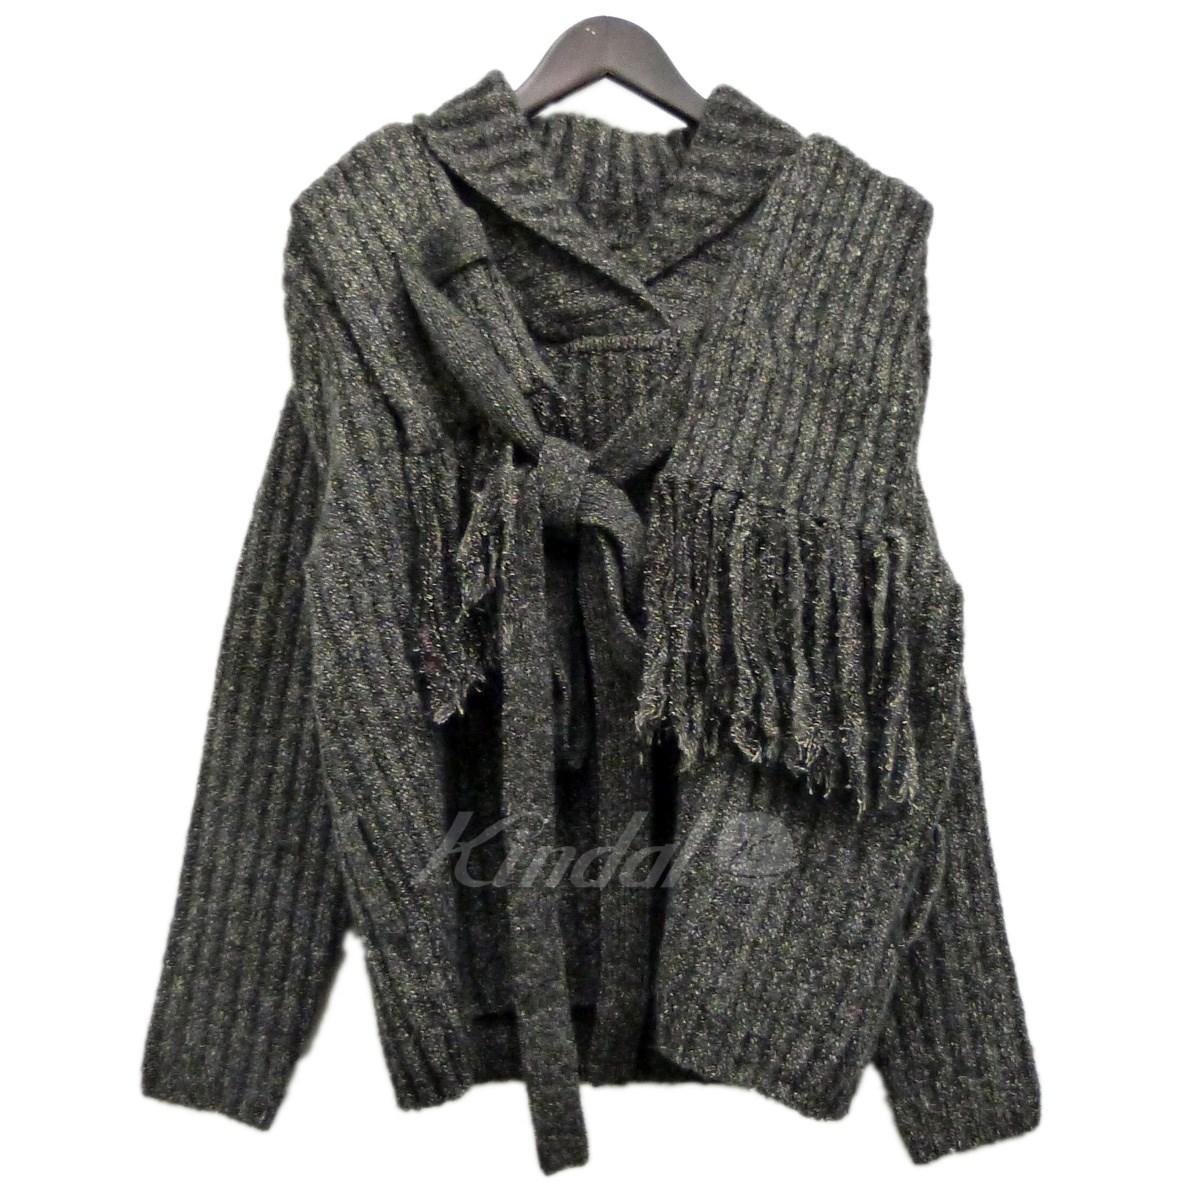 【中古】CRAIG GREEN 「Fisherman Rib Knit Jumper」フィッシャーマンニット グレー サイズ:S 【230920】(クレイググリーン)